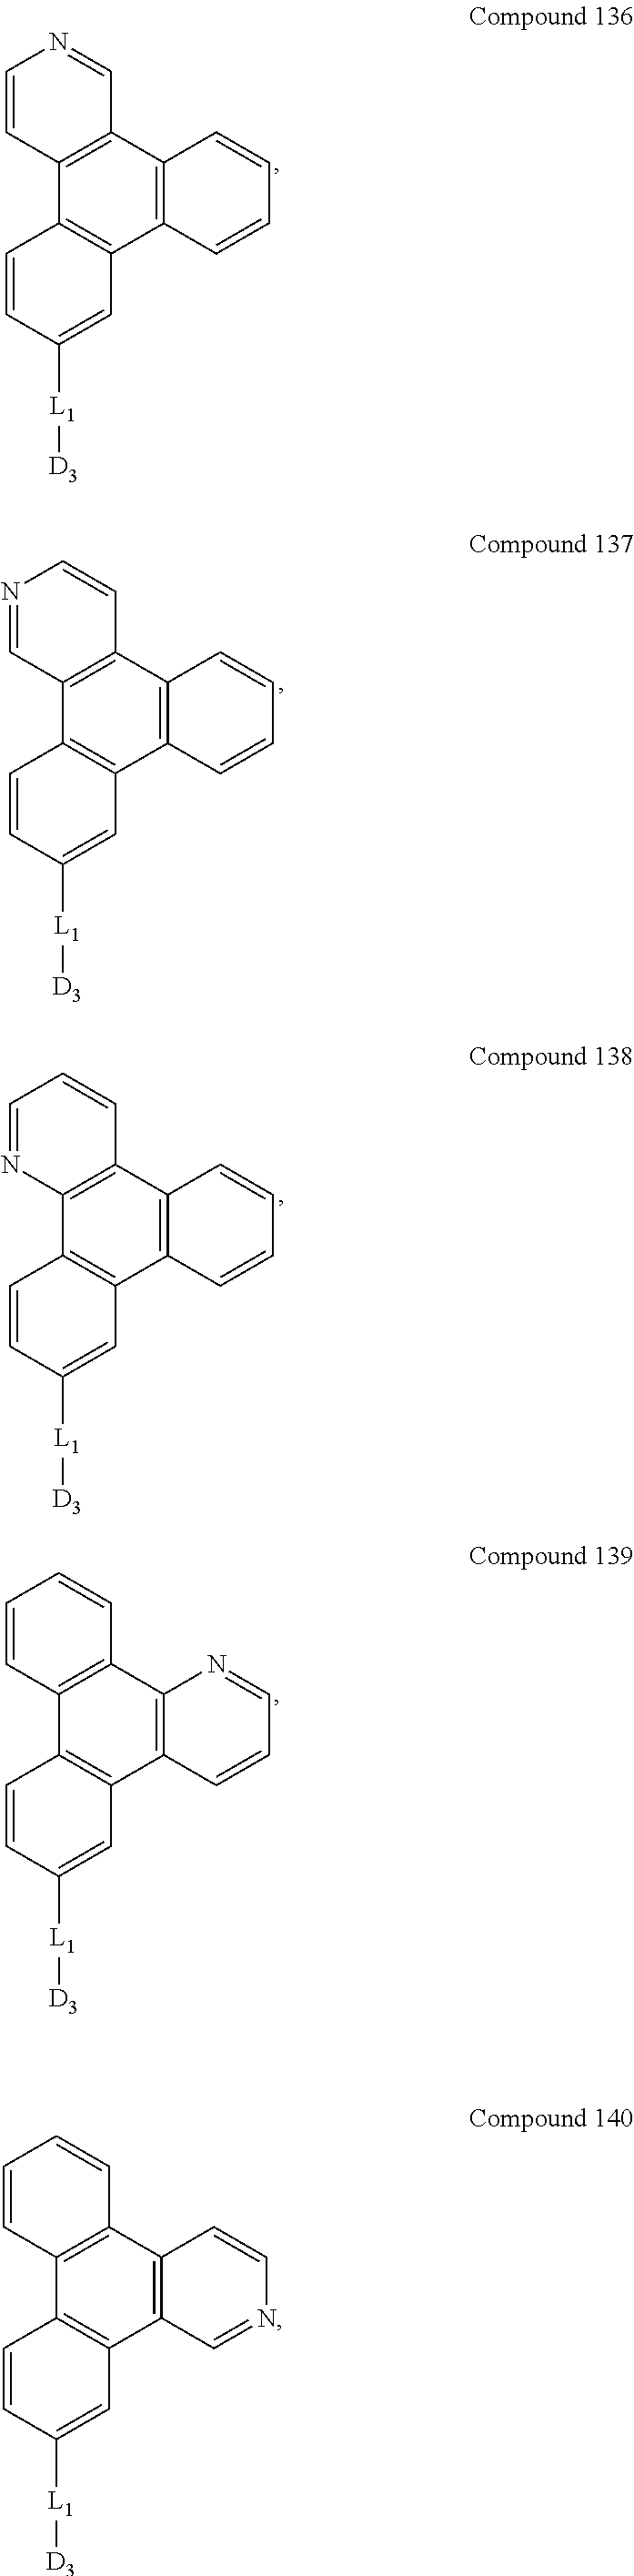 Figure US09537106-20170103-C00514